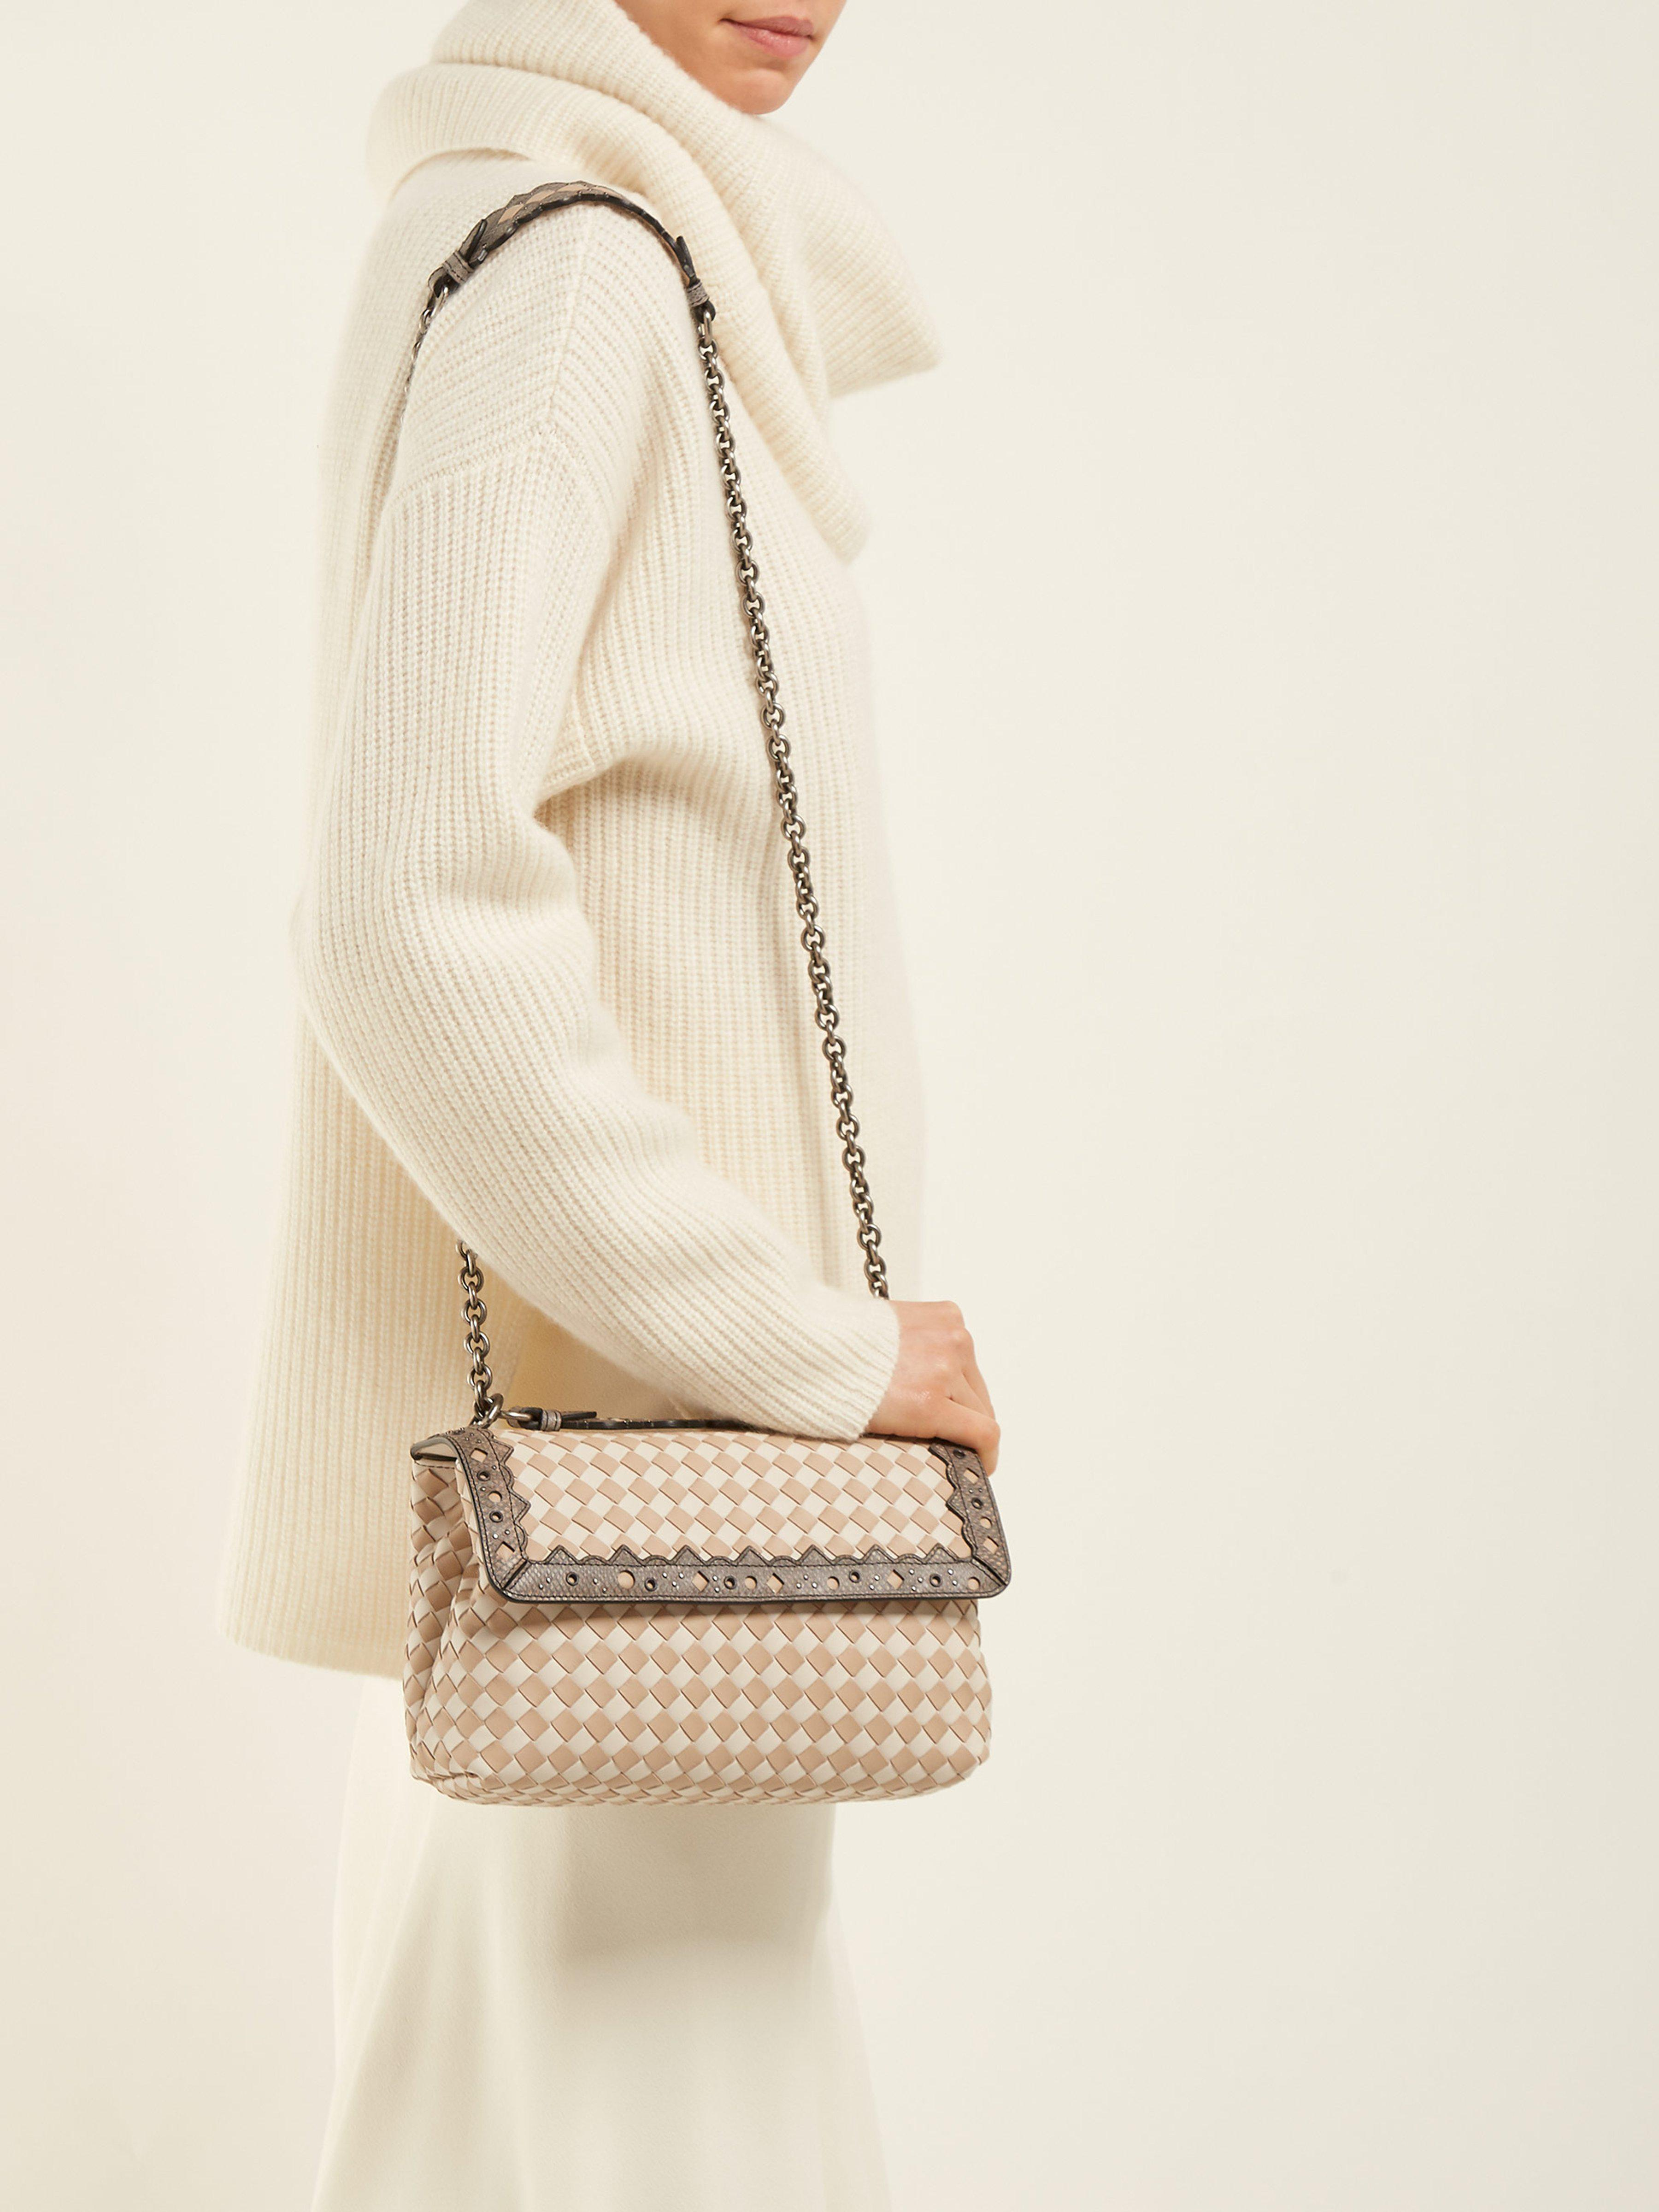 456ed2cc83 Bottega Veneta - Multicolor Olimpia Small Intrecciato Leather Cross Body Bag  - Lyst. View fullscreen